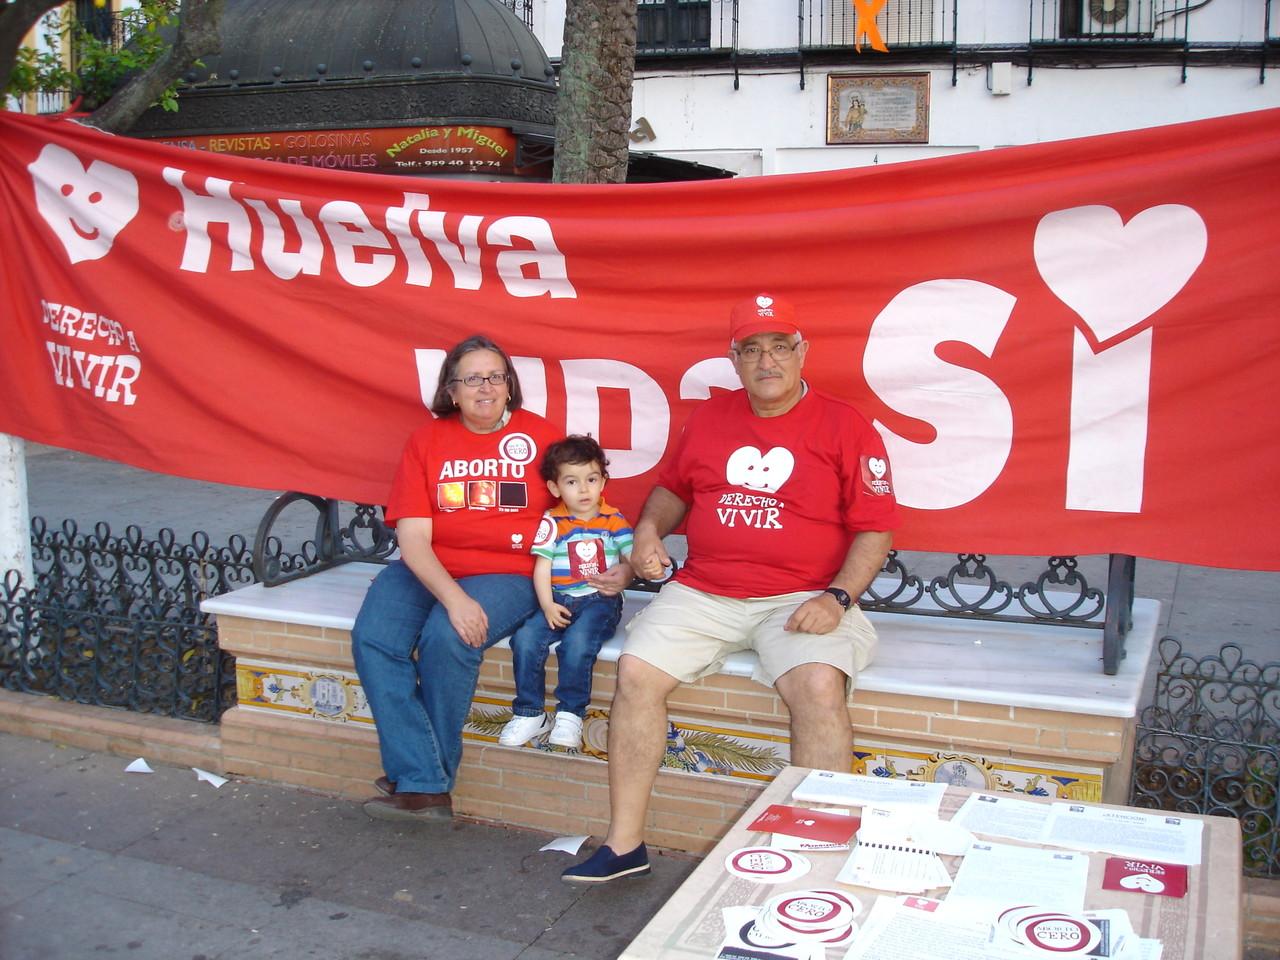 La Palma del Condado 19-04-2.013, recogida de firmas contra el aborto